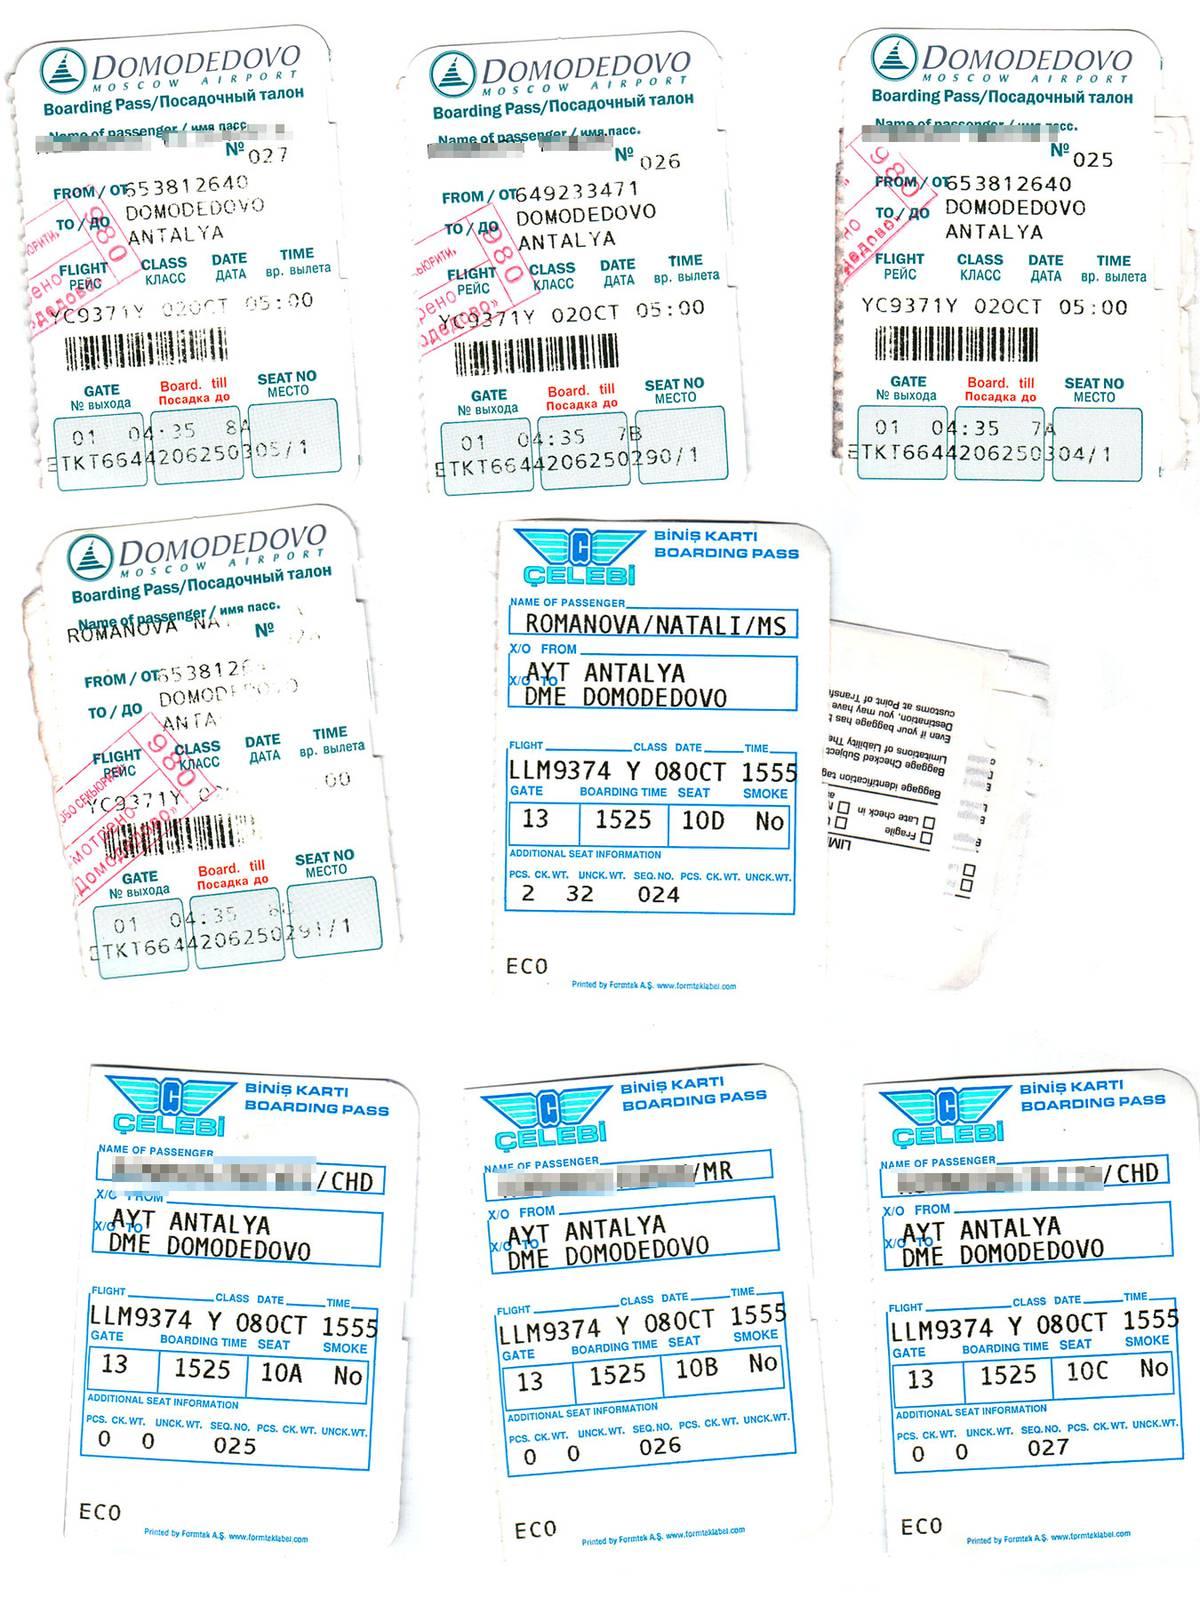 Посадочные талоны, которые остались после перелета в Турцию и обратно